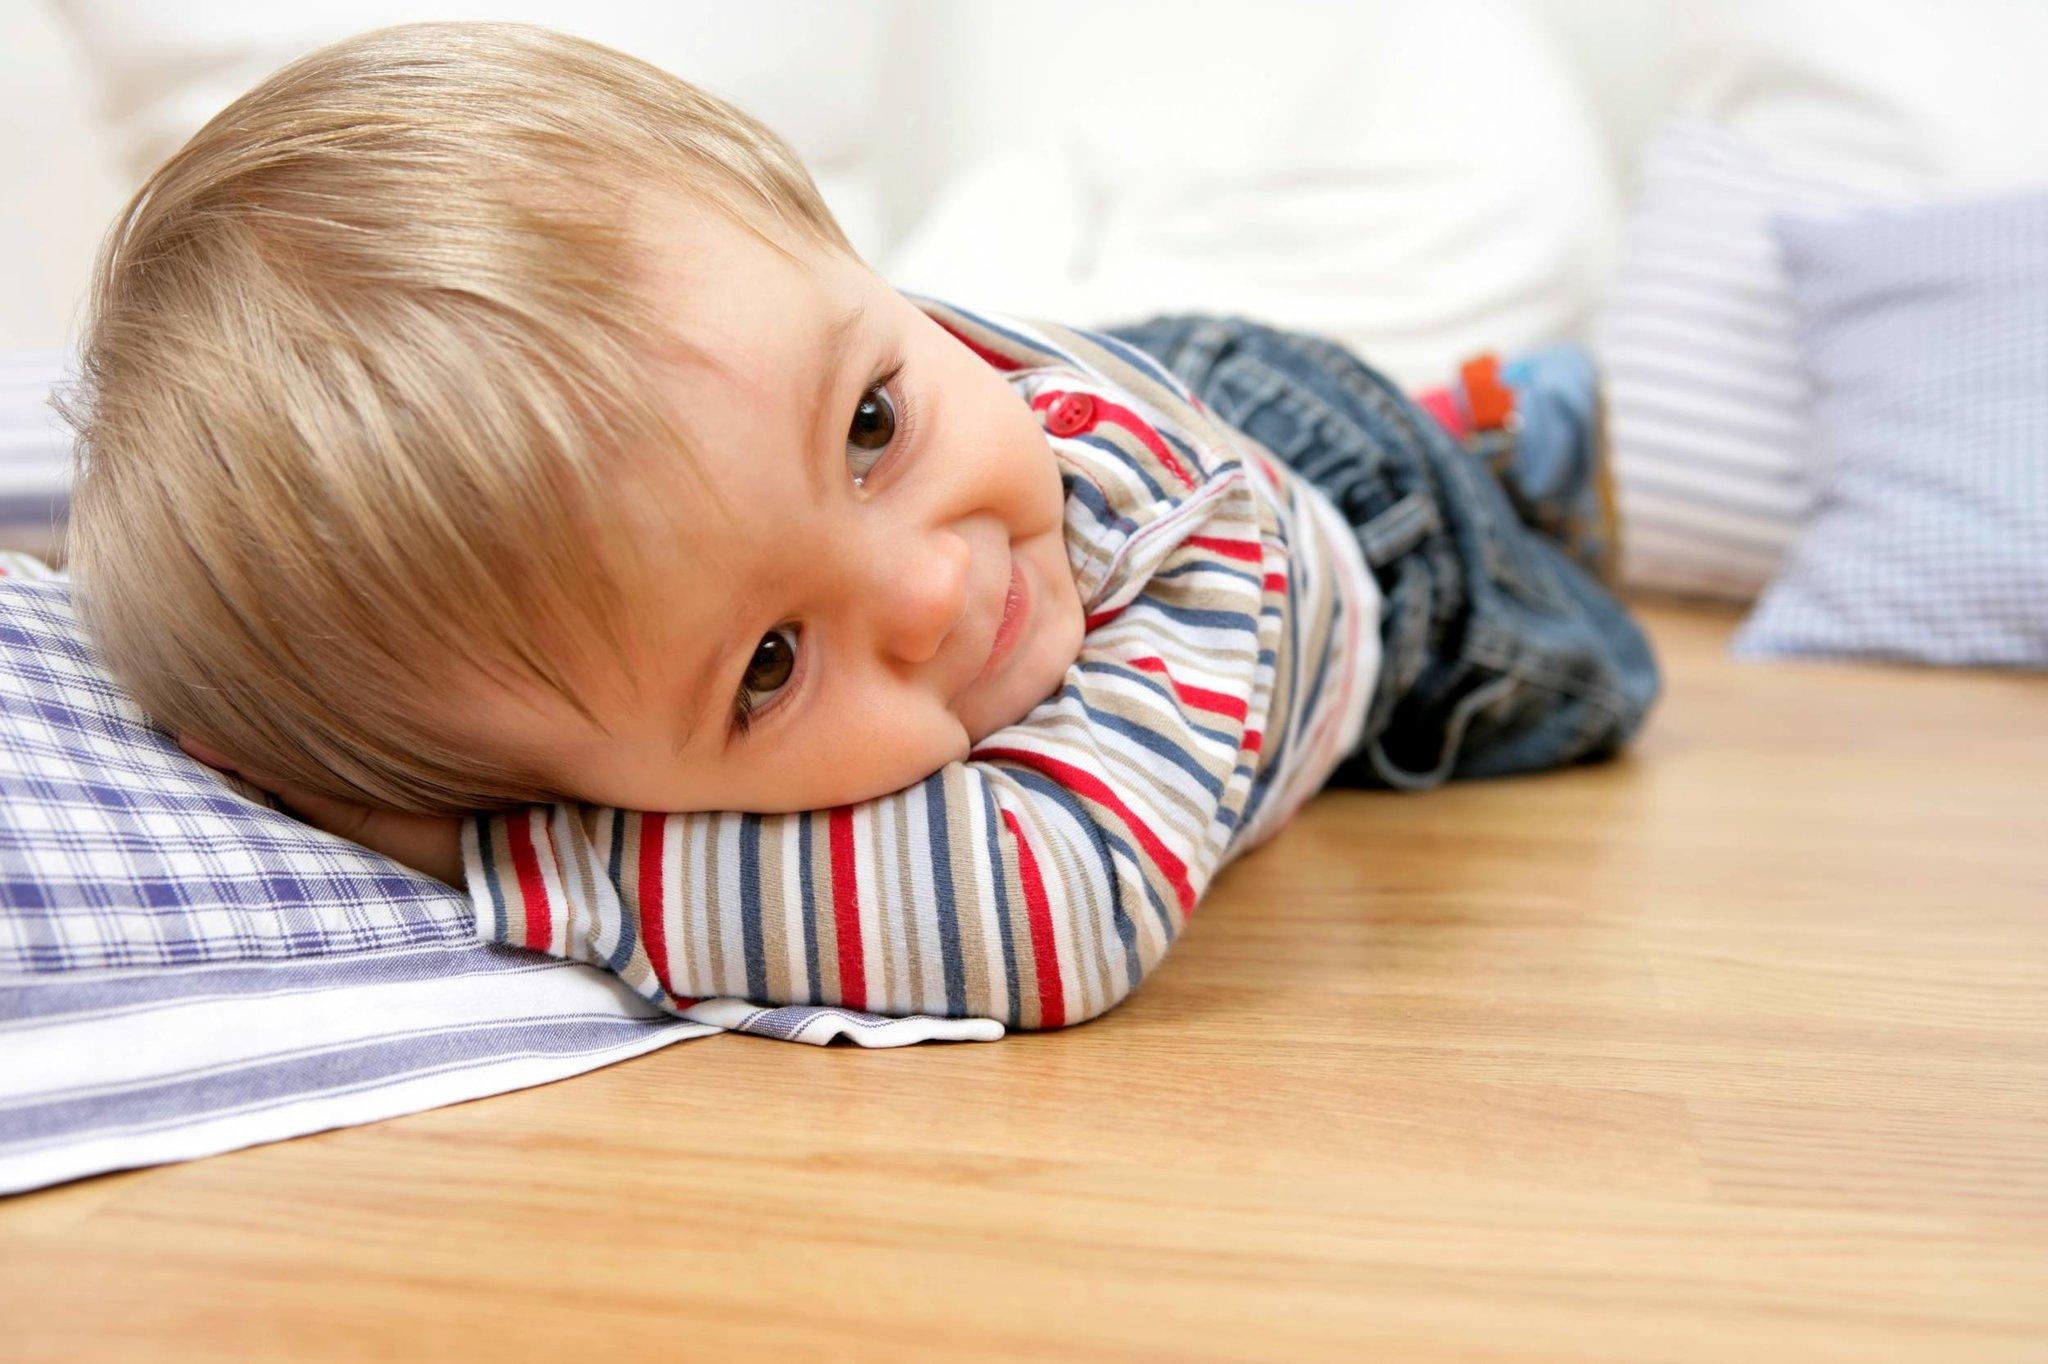 Как прописать новорожденного ребенка в приватизированную квартиру?